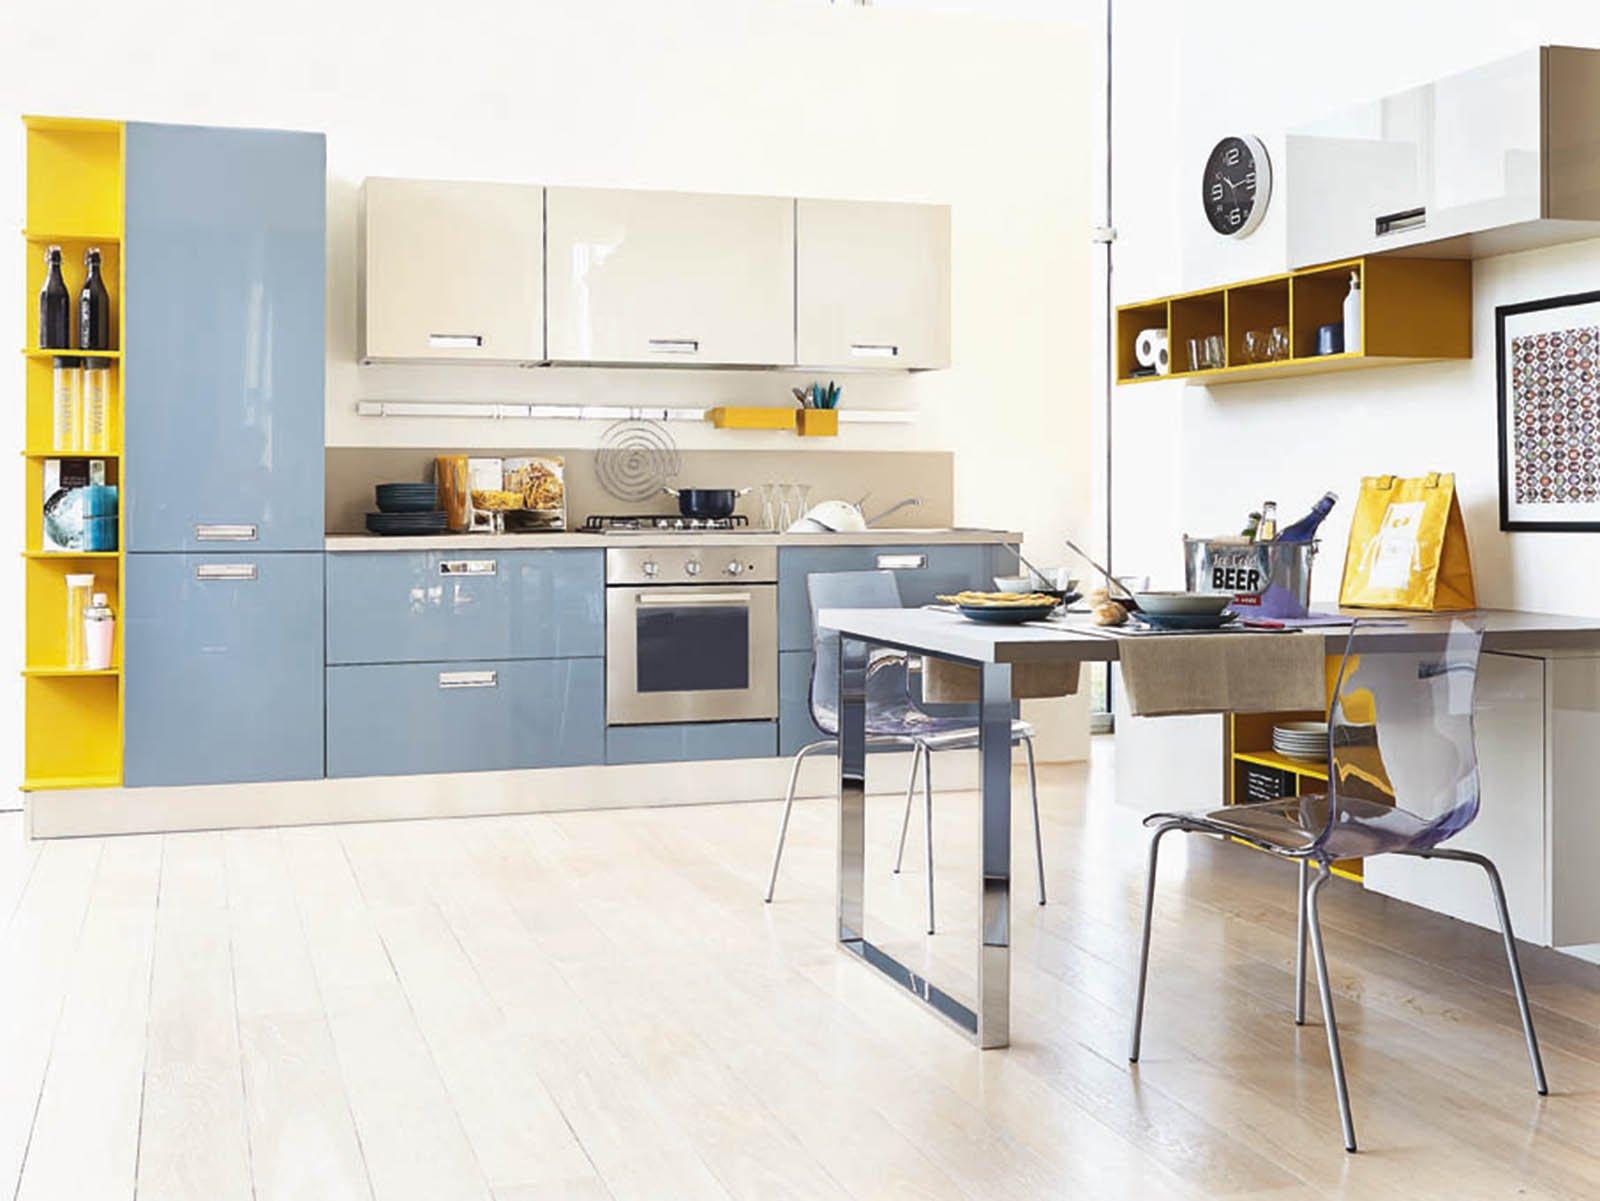 Casabook immobiliare in cucina i vani a giorno fanno tendenza for Cucine ricci casa